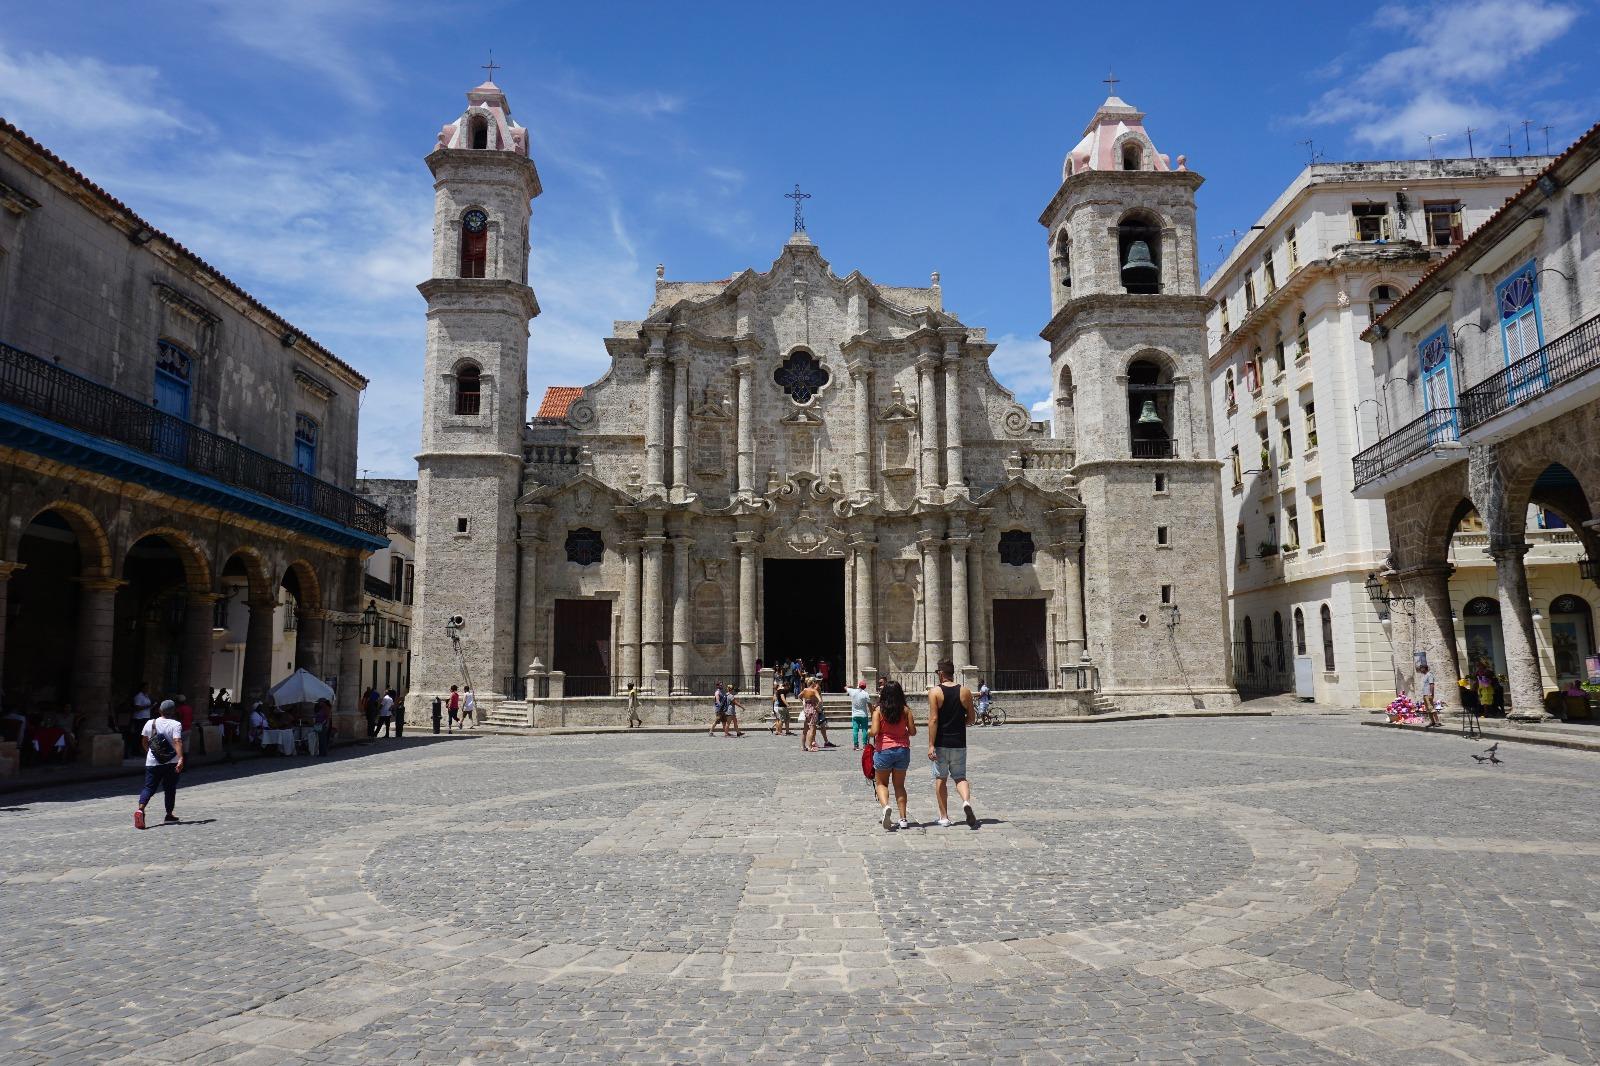 Plaza de la Cathedral